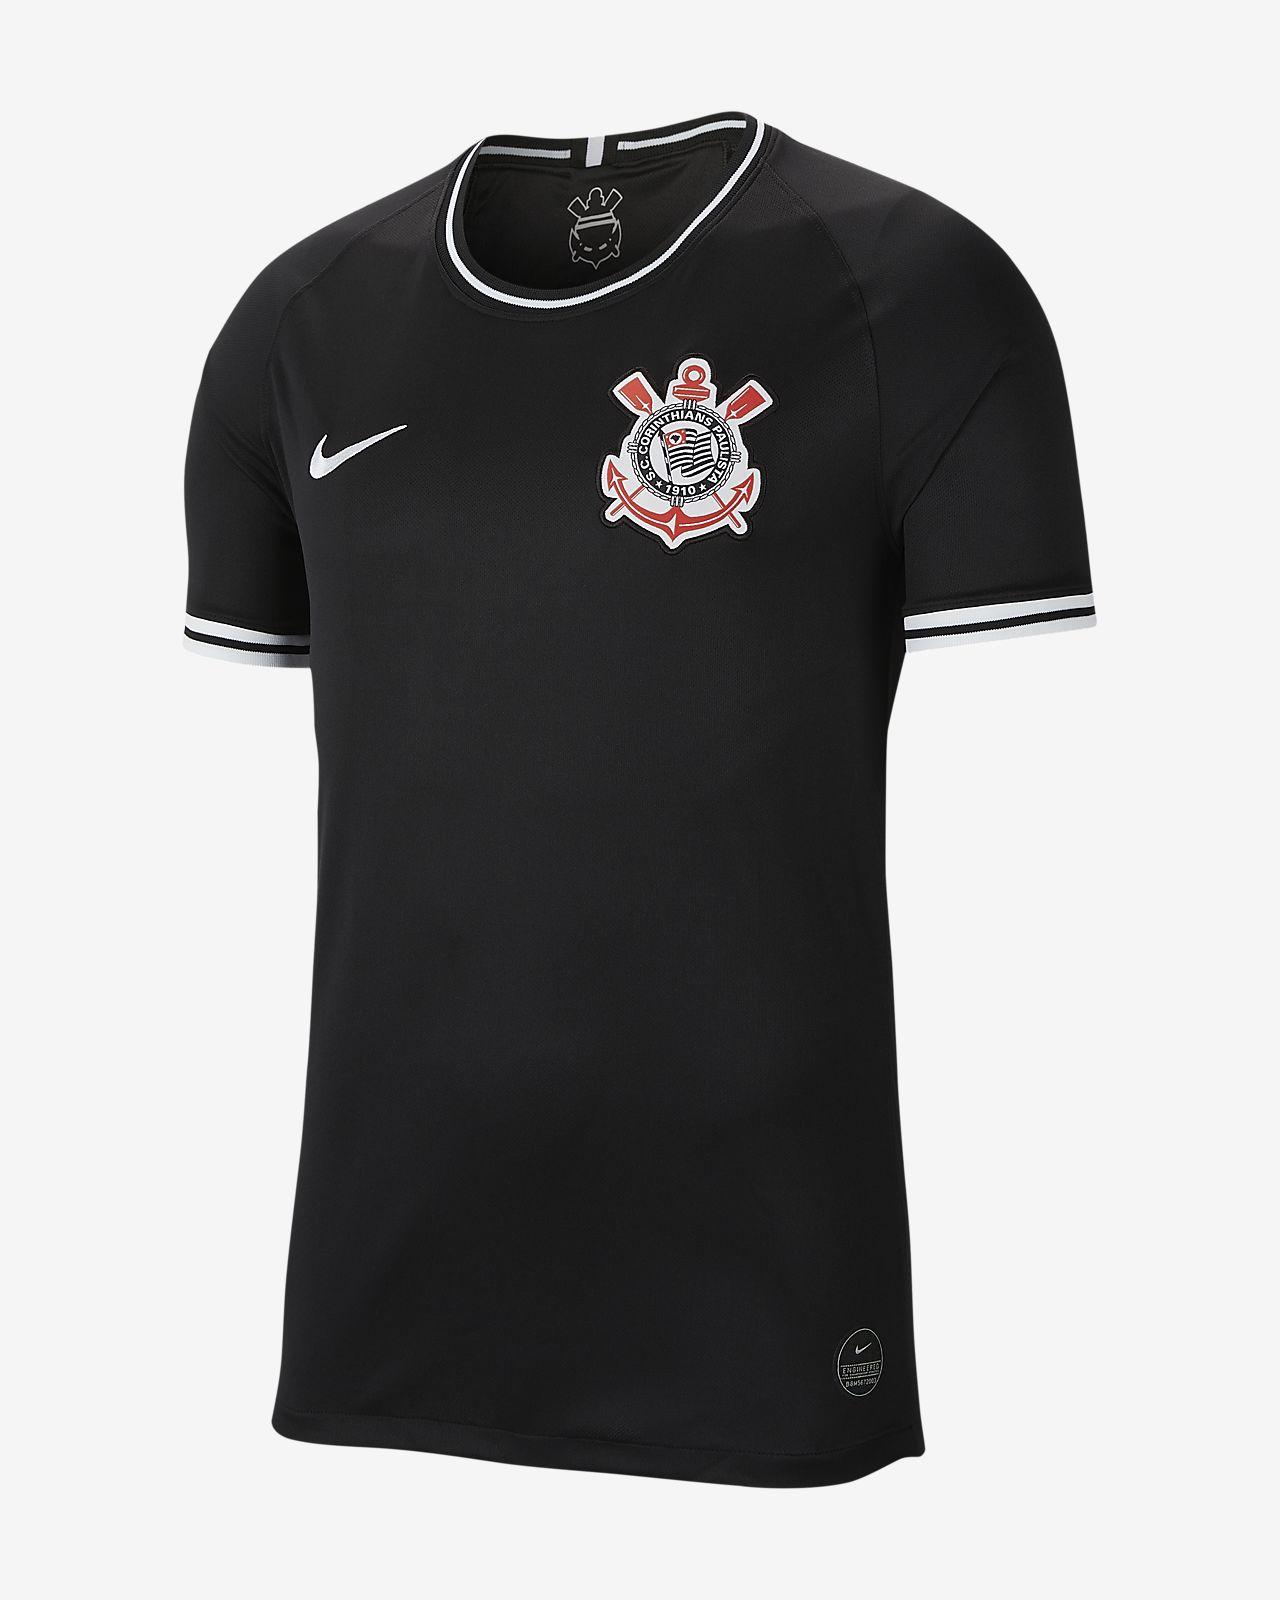 S.C. S.C. Corinthians 2019/20 Stadium Away pour Homme